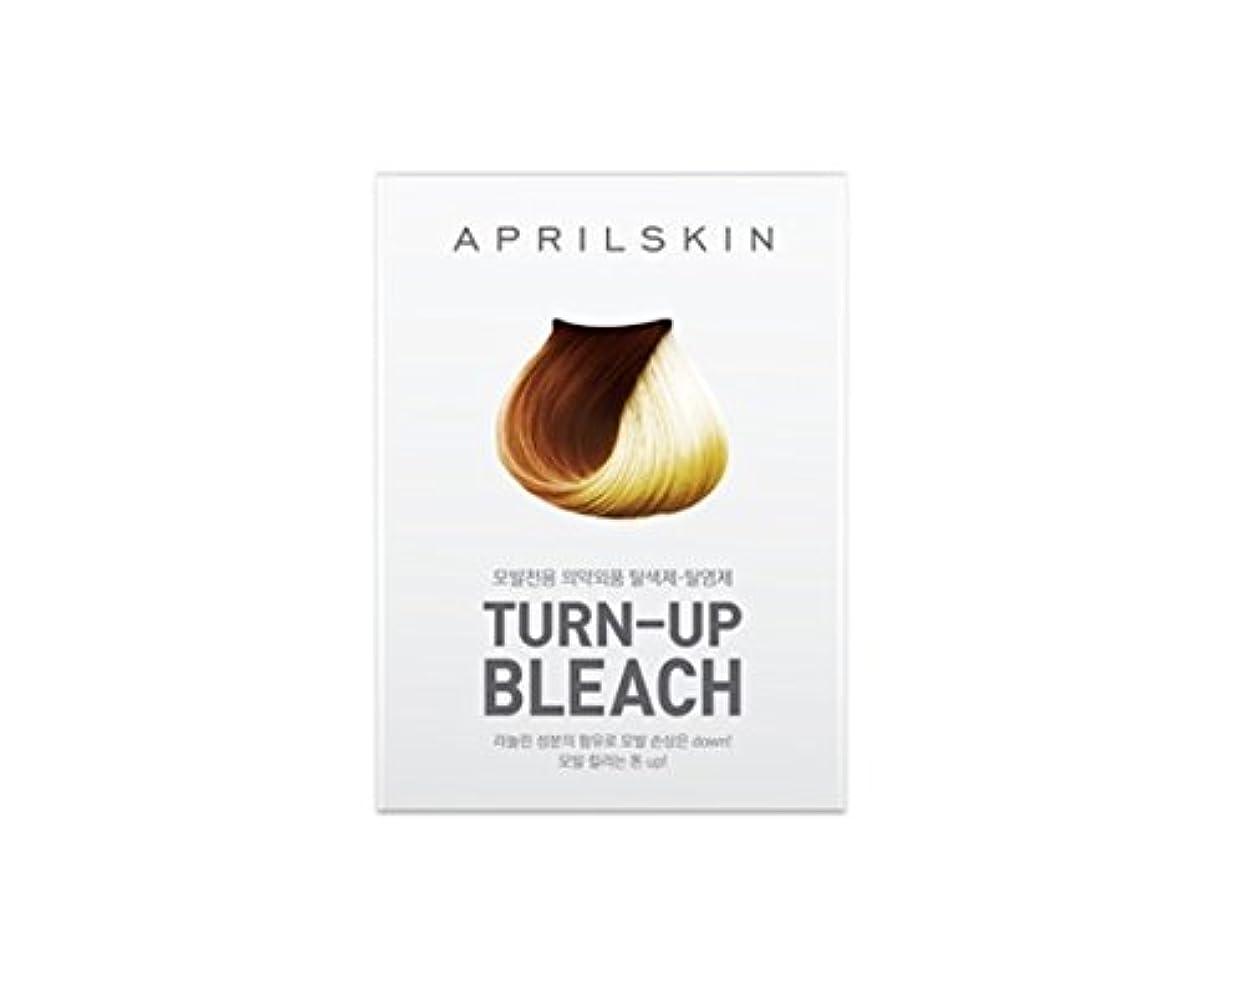 いくつかのカートンばかエープリル?スキン [韓国コスメ April Skin] 漂白ブリーチ(ヘアブリーチ)Turn Up Bleach (Hair Bleach) [海外直送品]